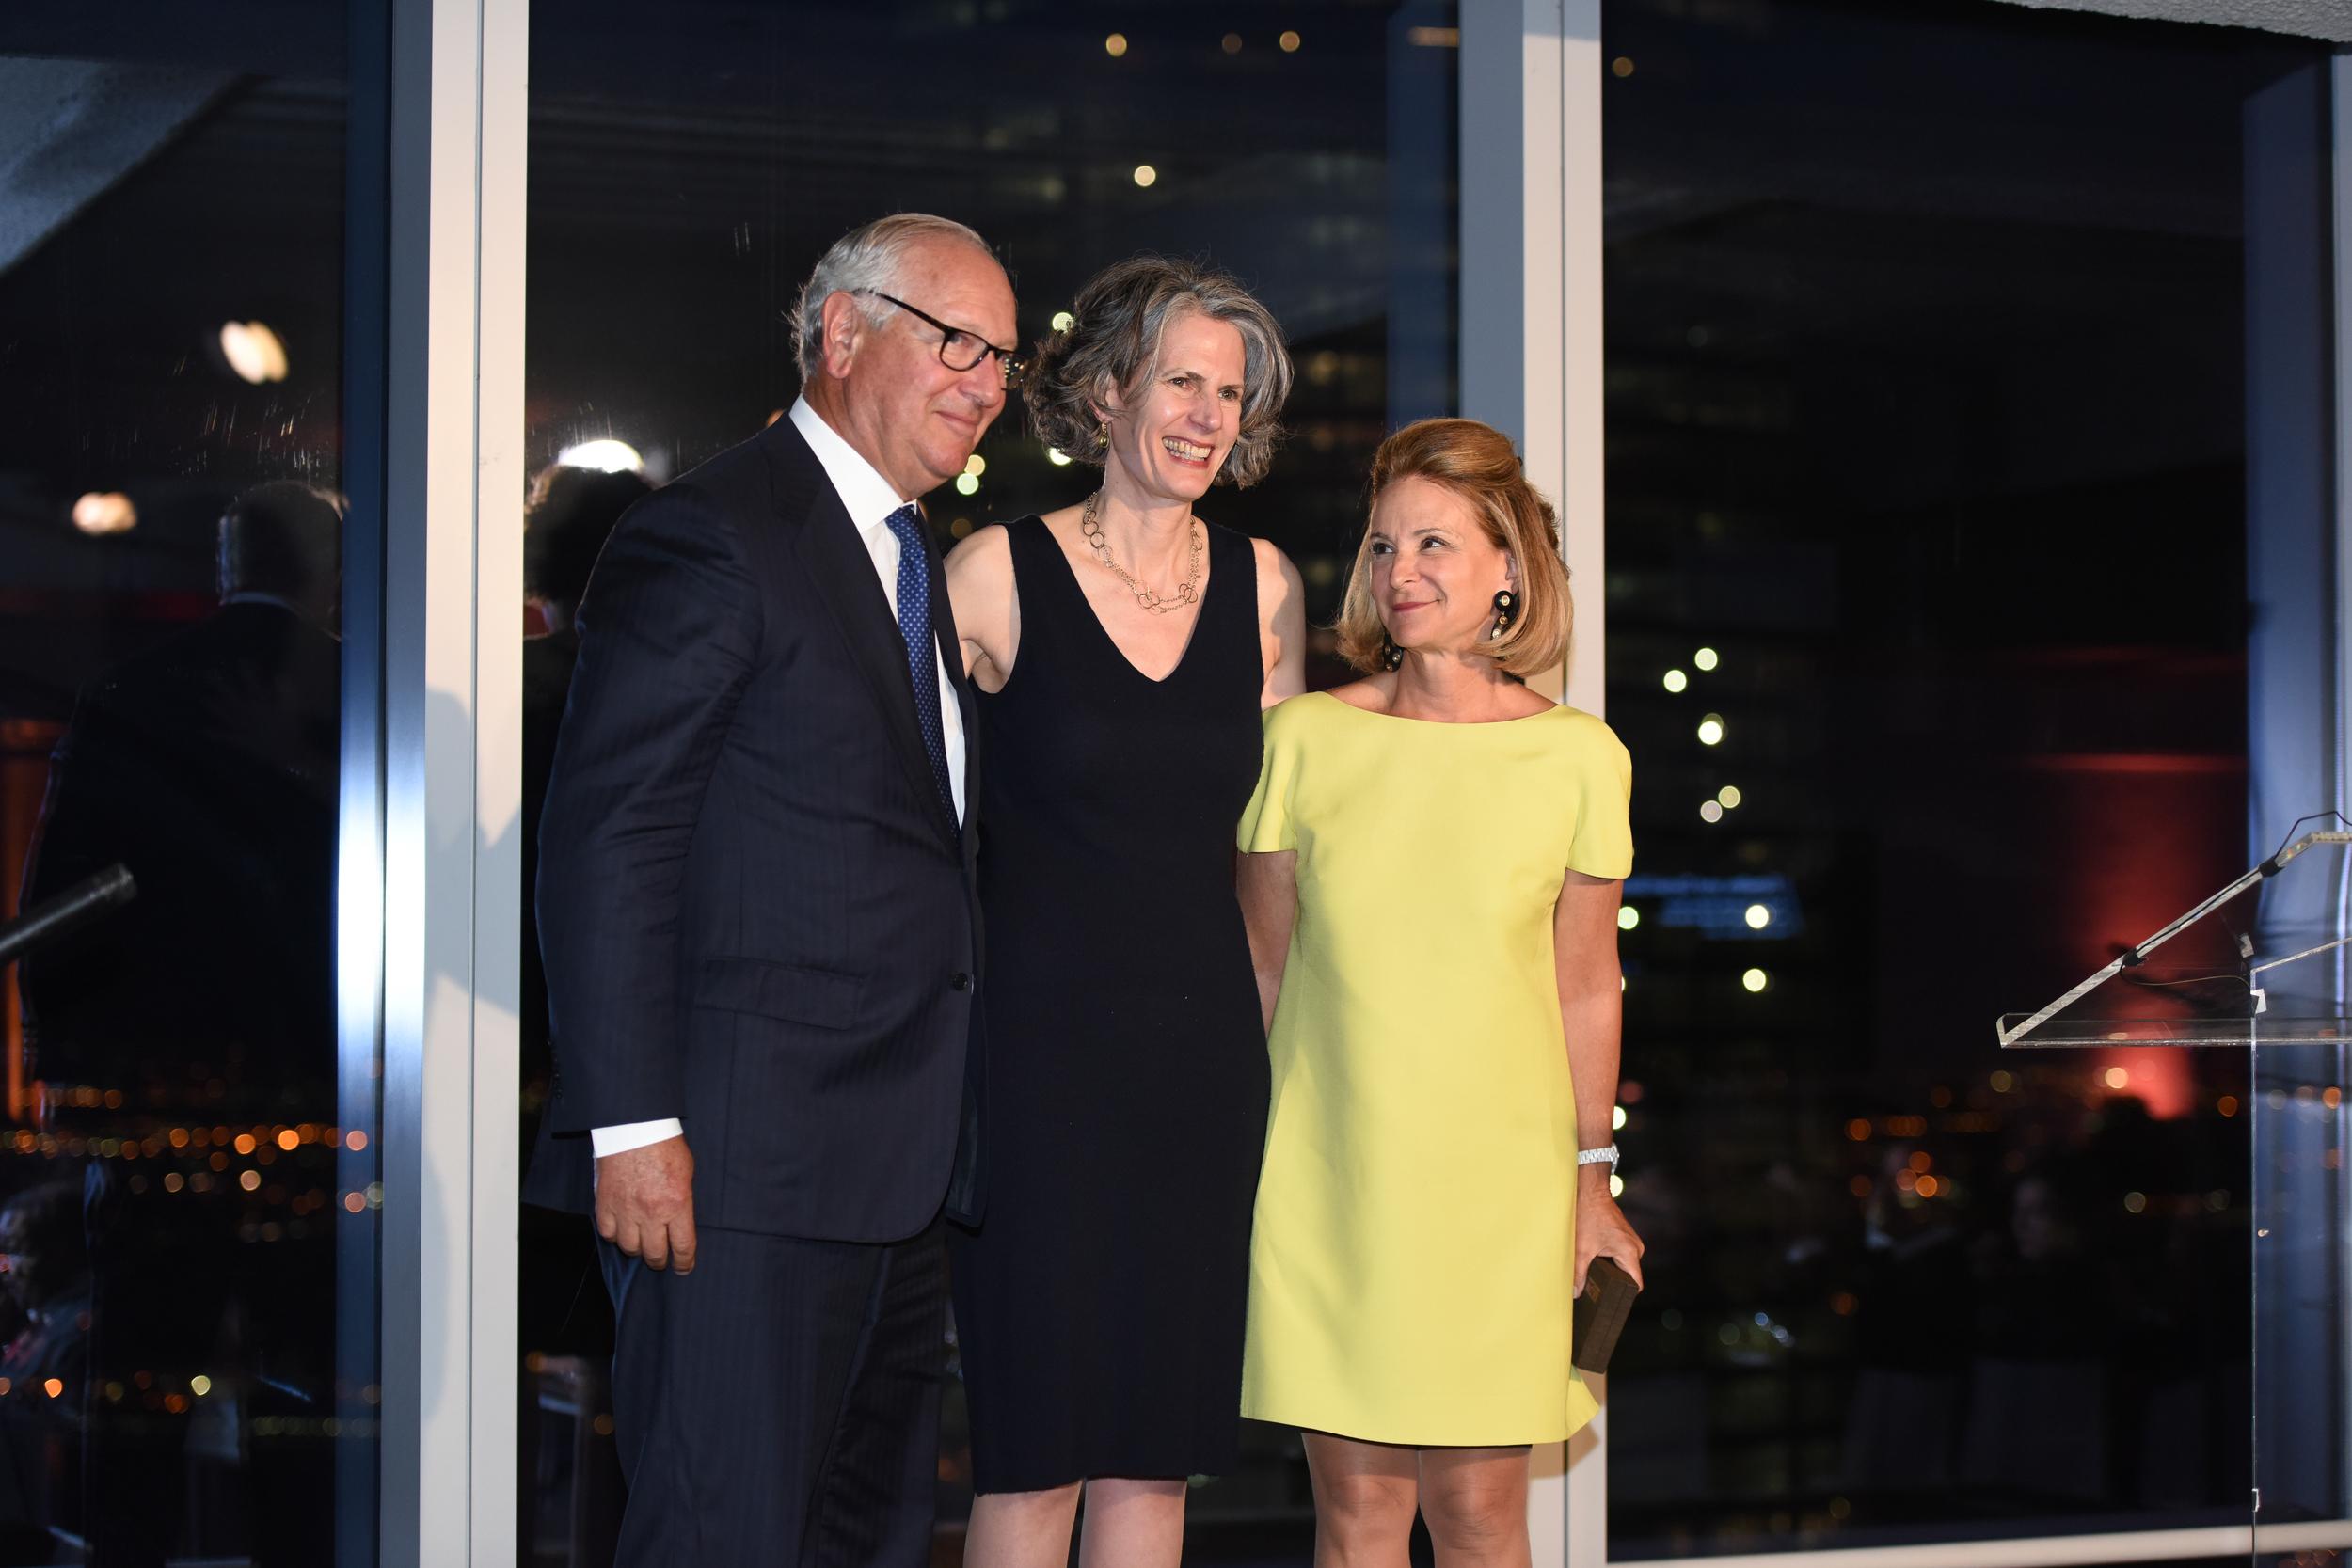 Daniel Brodsky, Kate D. Levin, Estrellita Brodsky